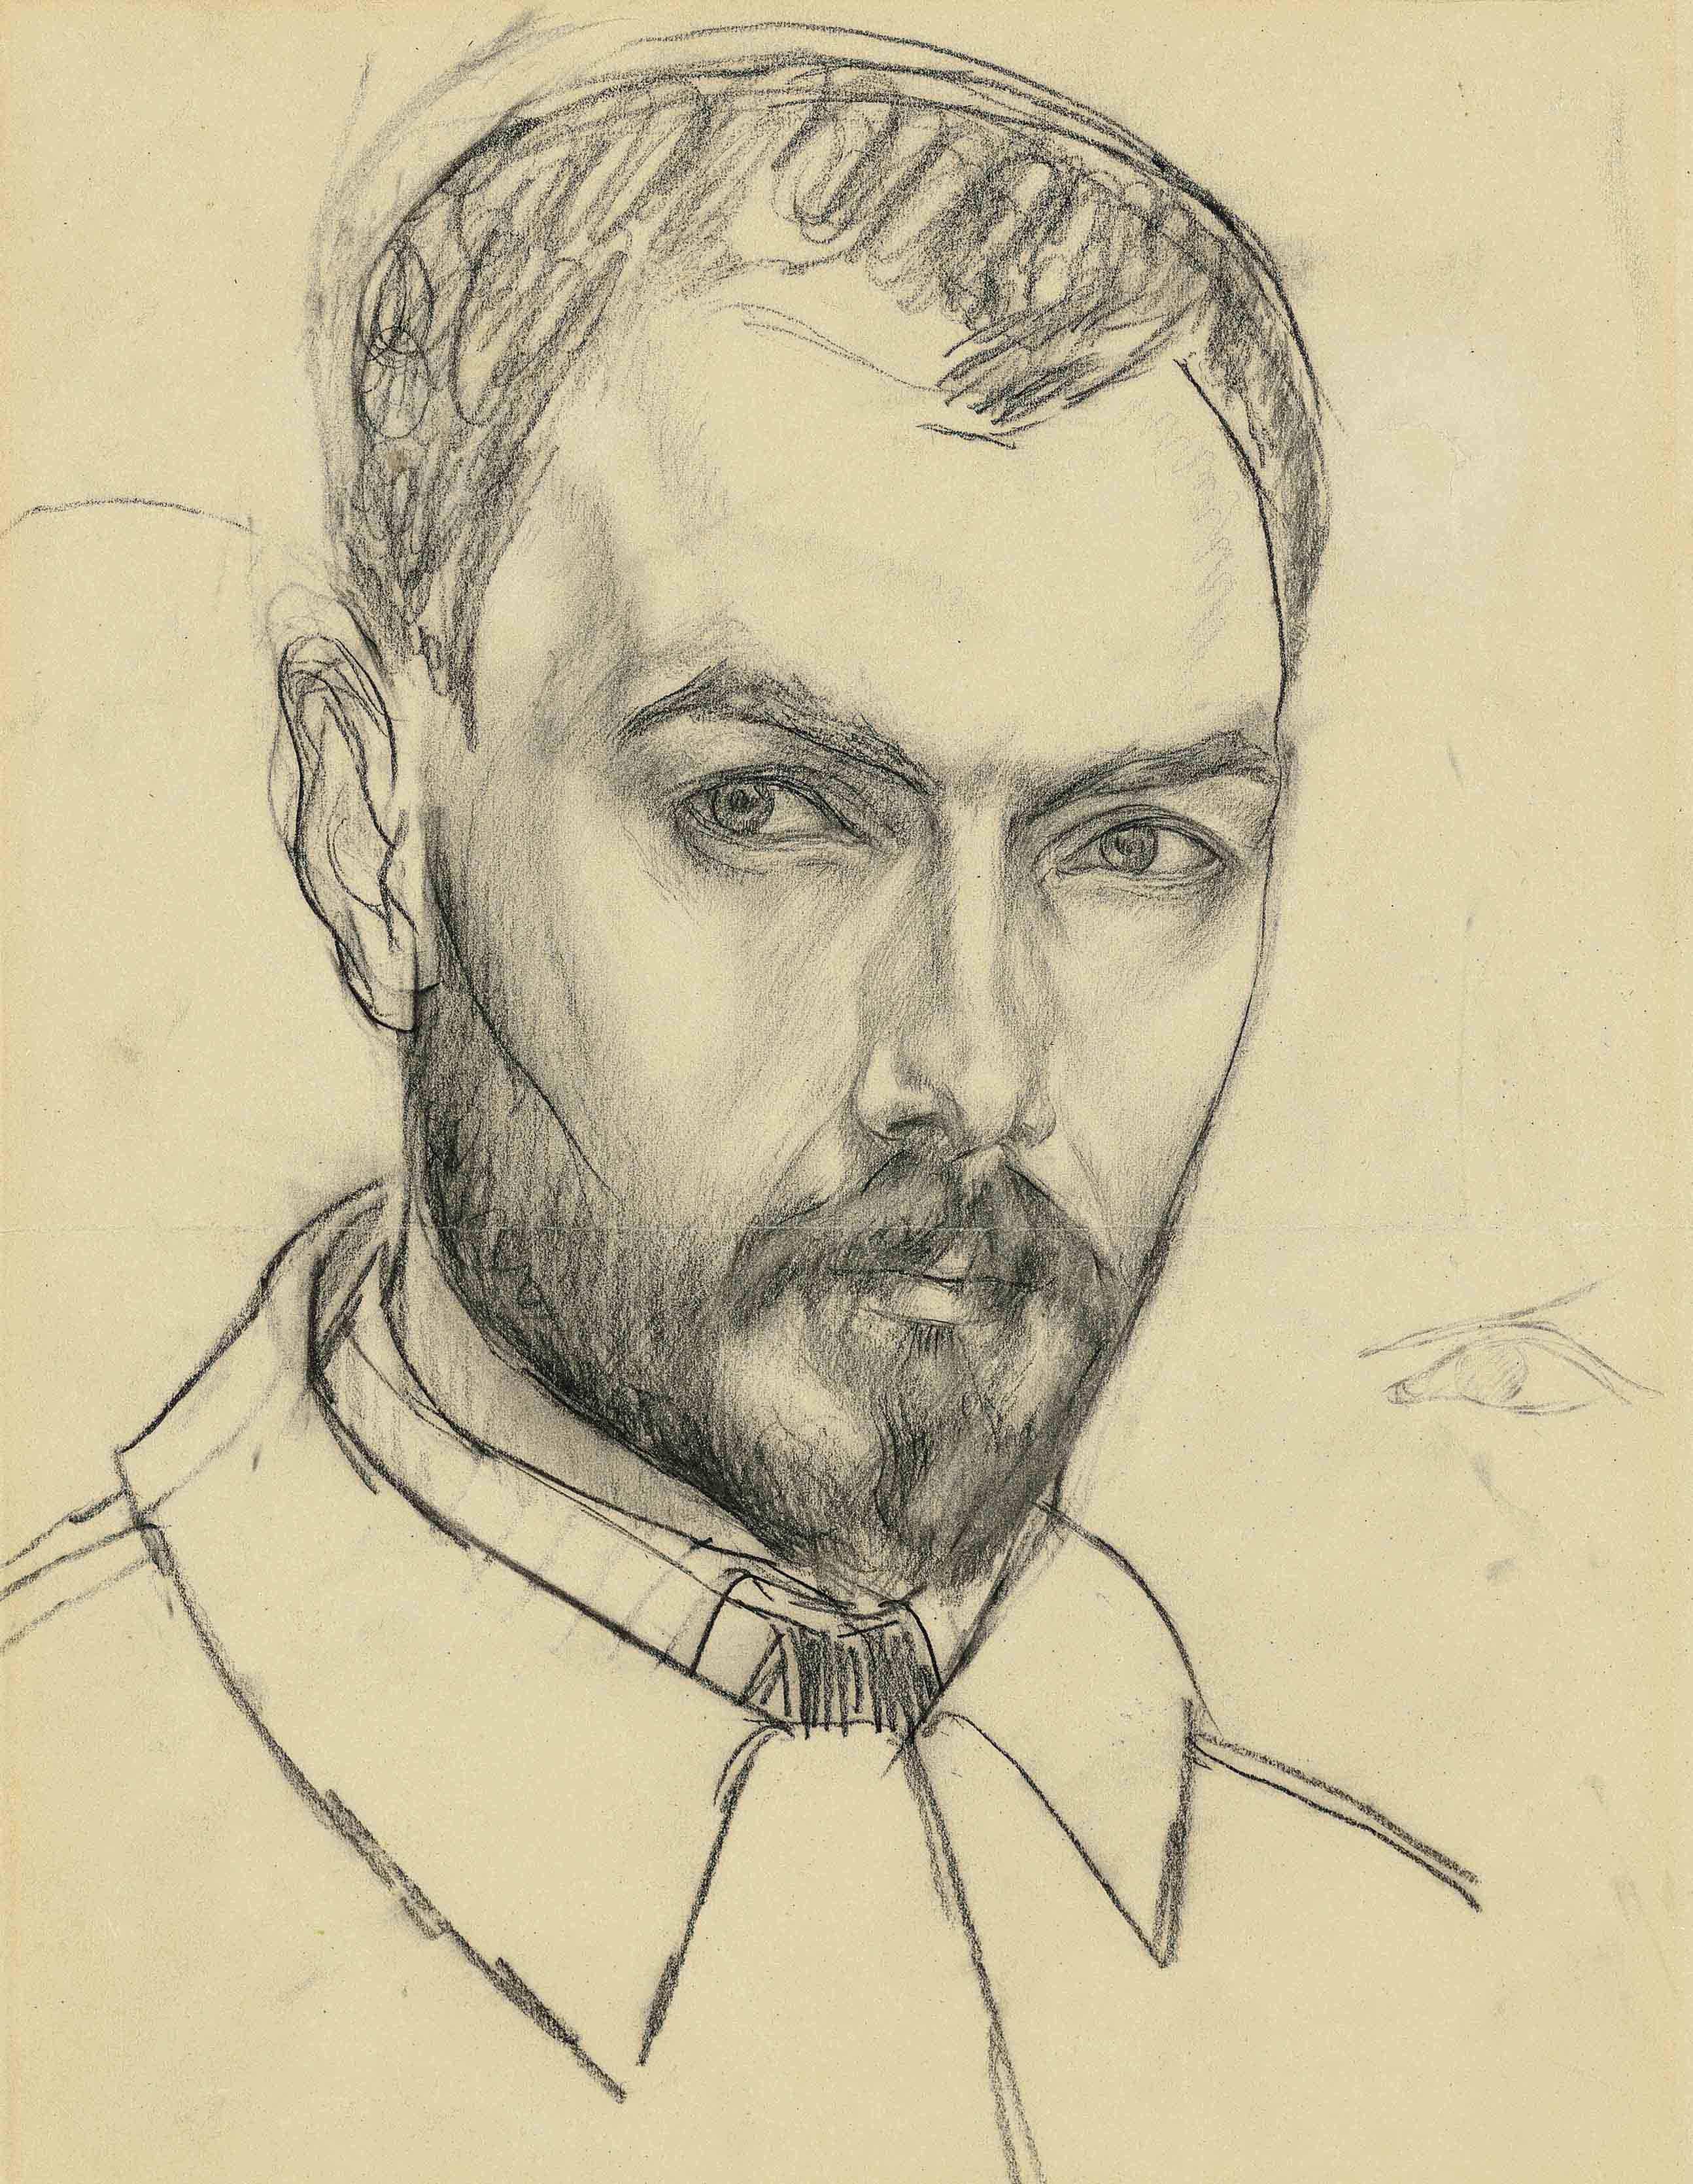 Kuzma Petrov-Vodkin (1878-1939